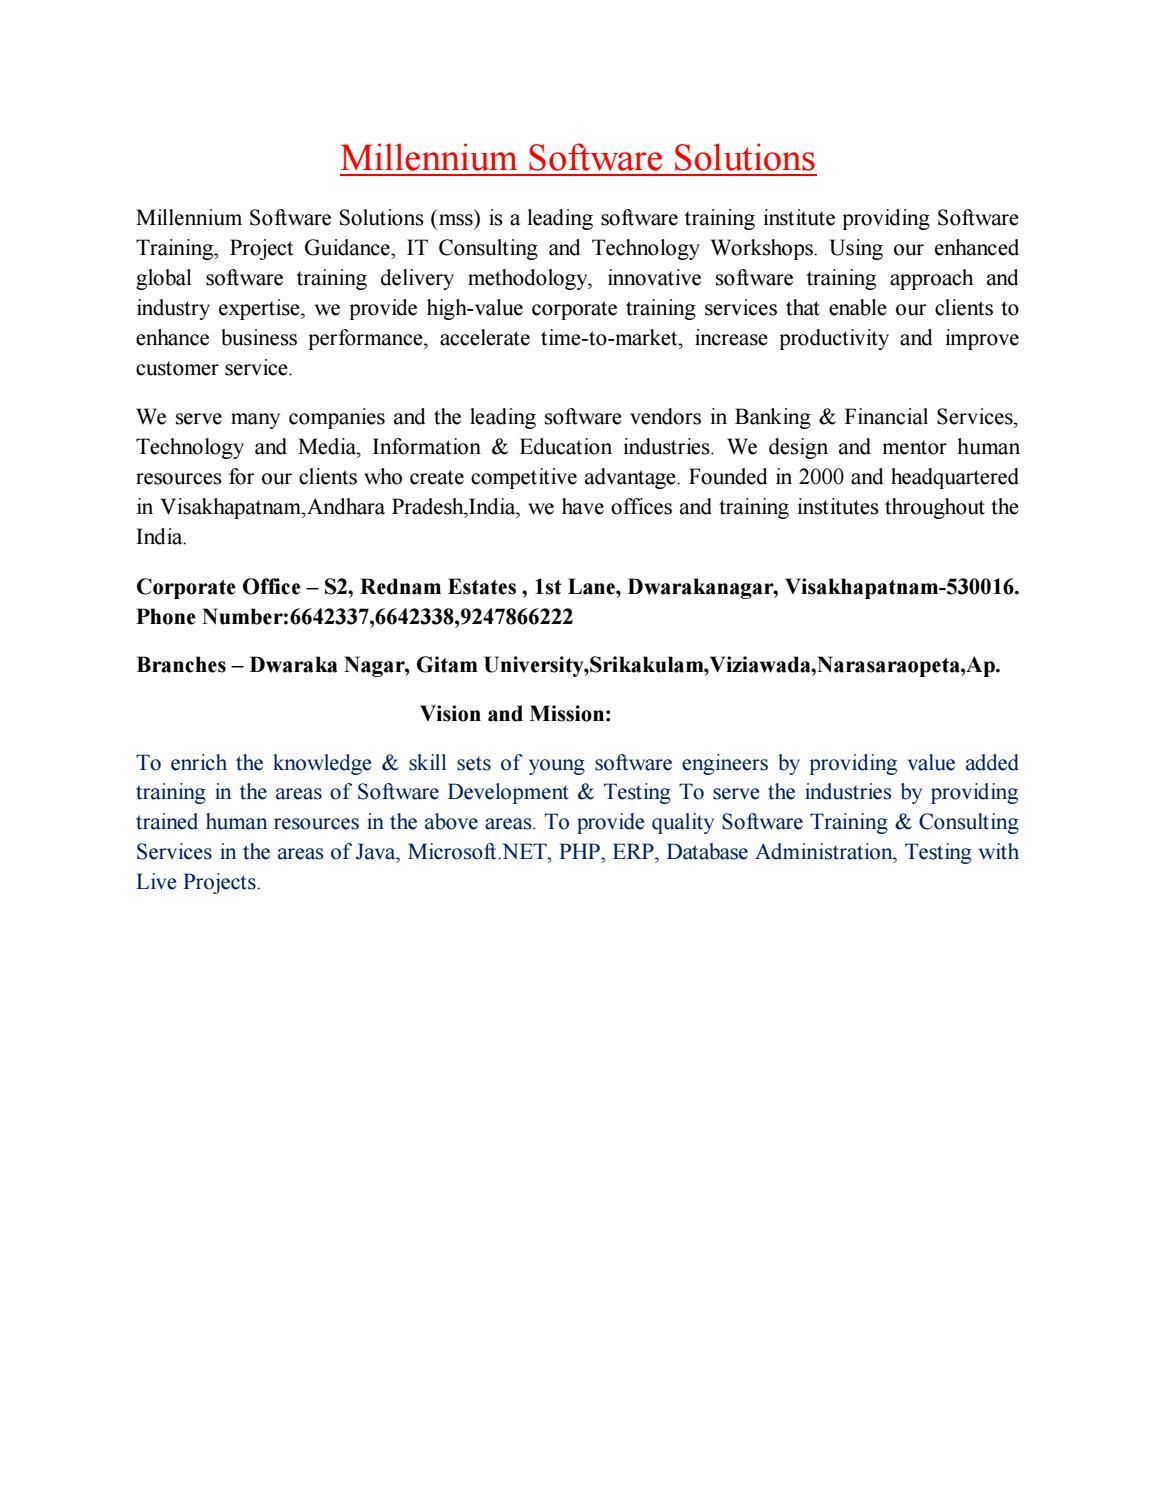 Best IT Software Training Institute in Dwarakanagar & Vizag